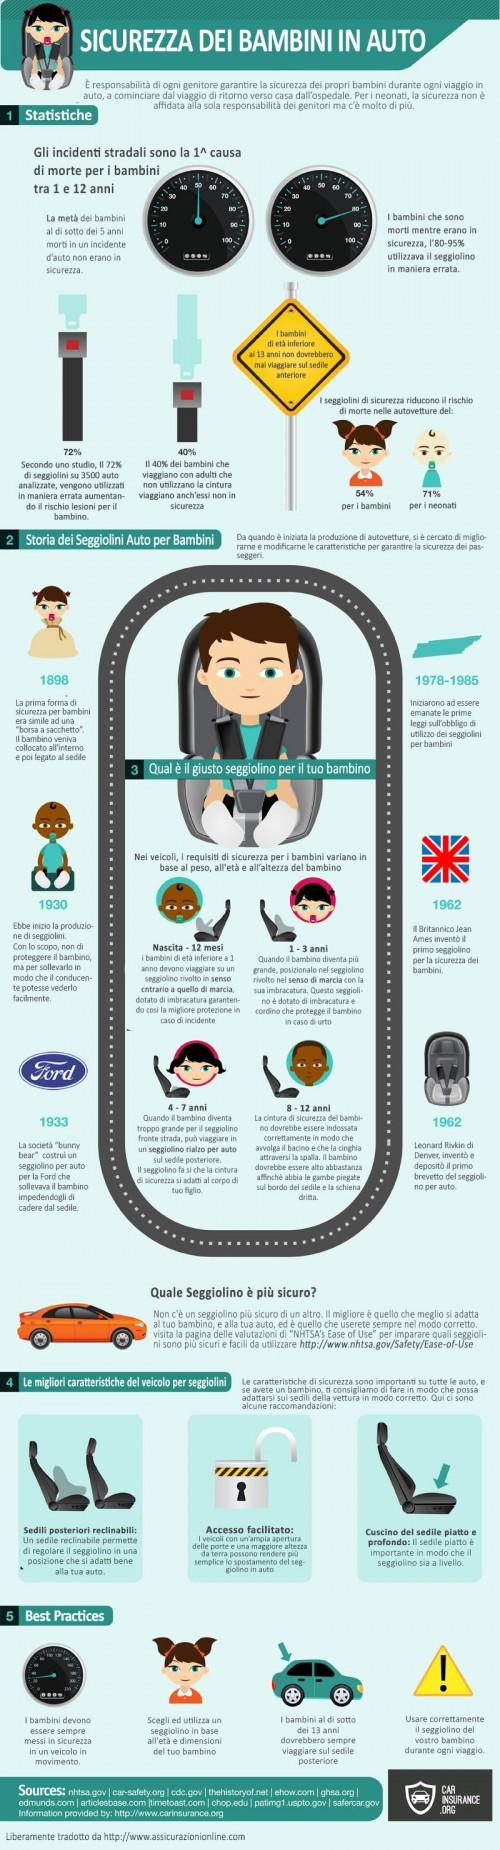 sicurezza dei bambini in auto infografica